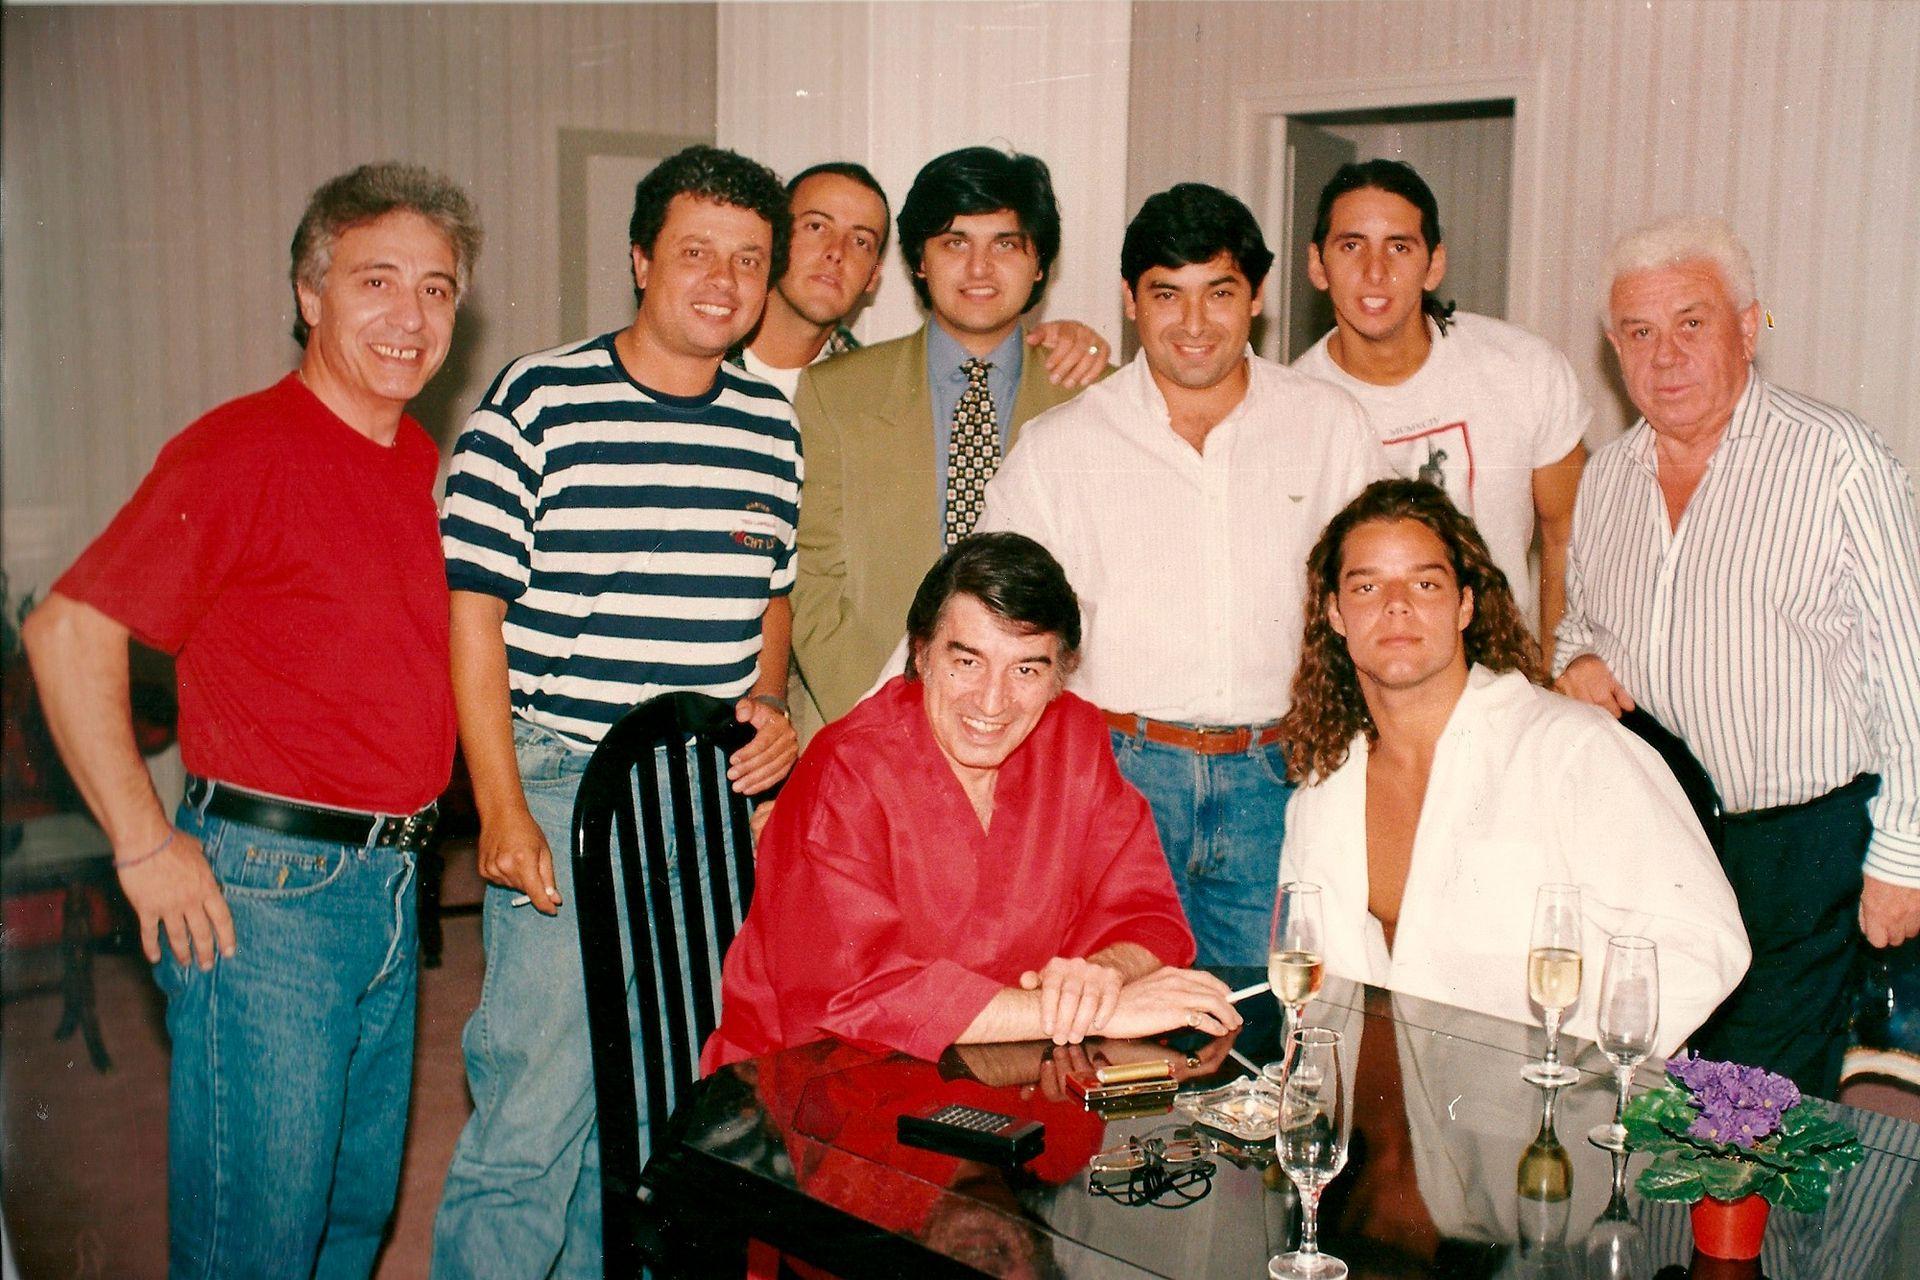 Sandro, Ricky Martin y Aldo Aresi rodeados de colaboradores luego de una función del Gitano en un teatro porteño